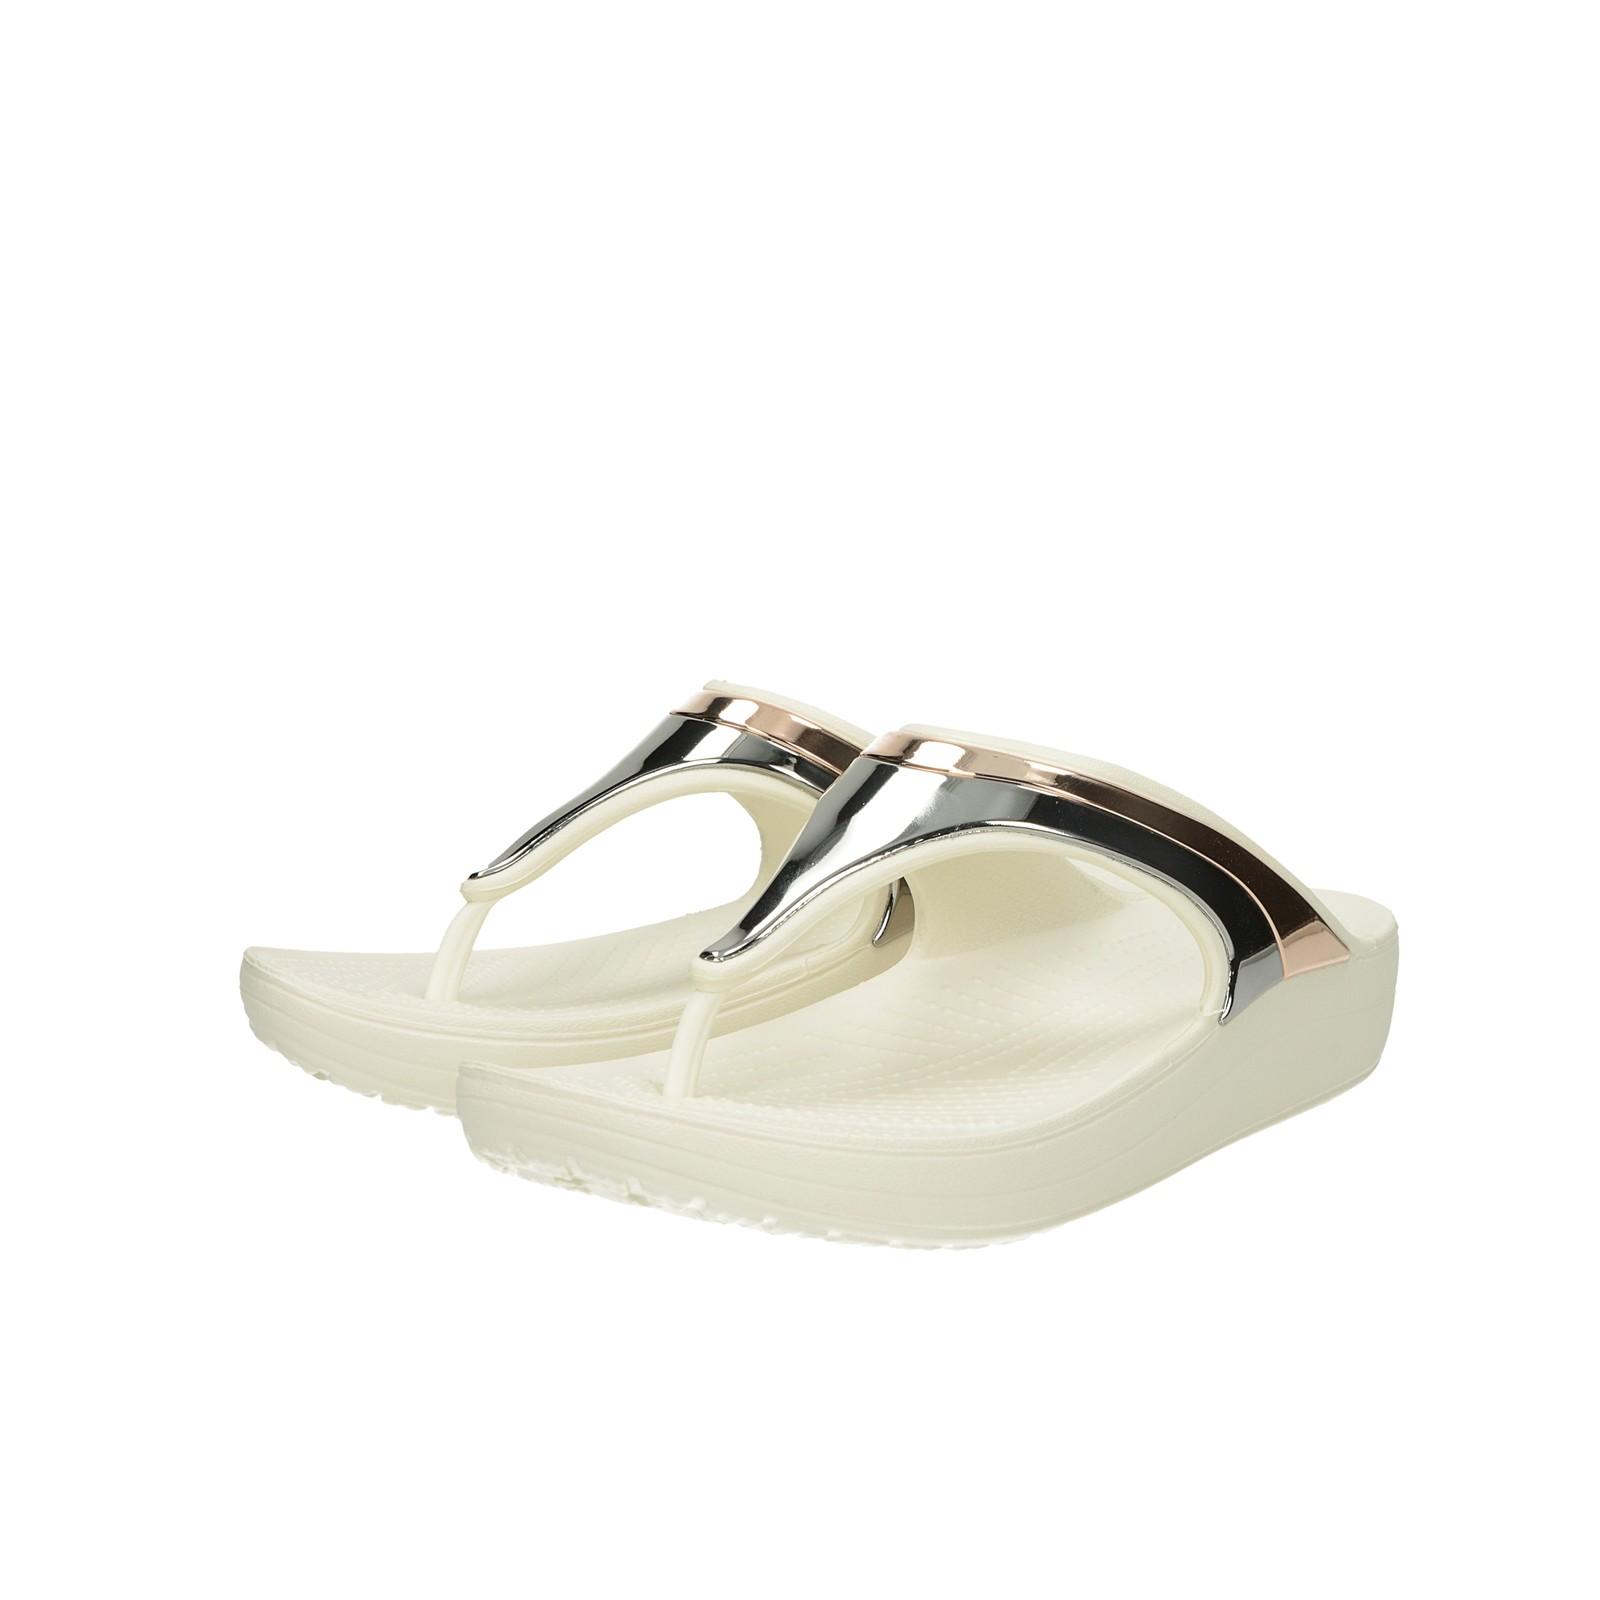 Crocs dámske štýlové plážovky na klinovej podrážke - biele